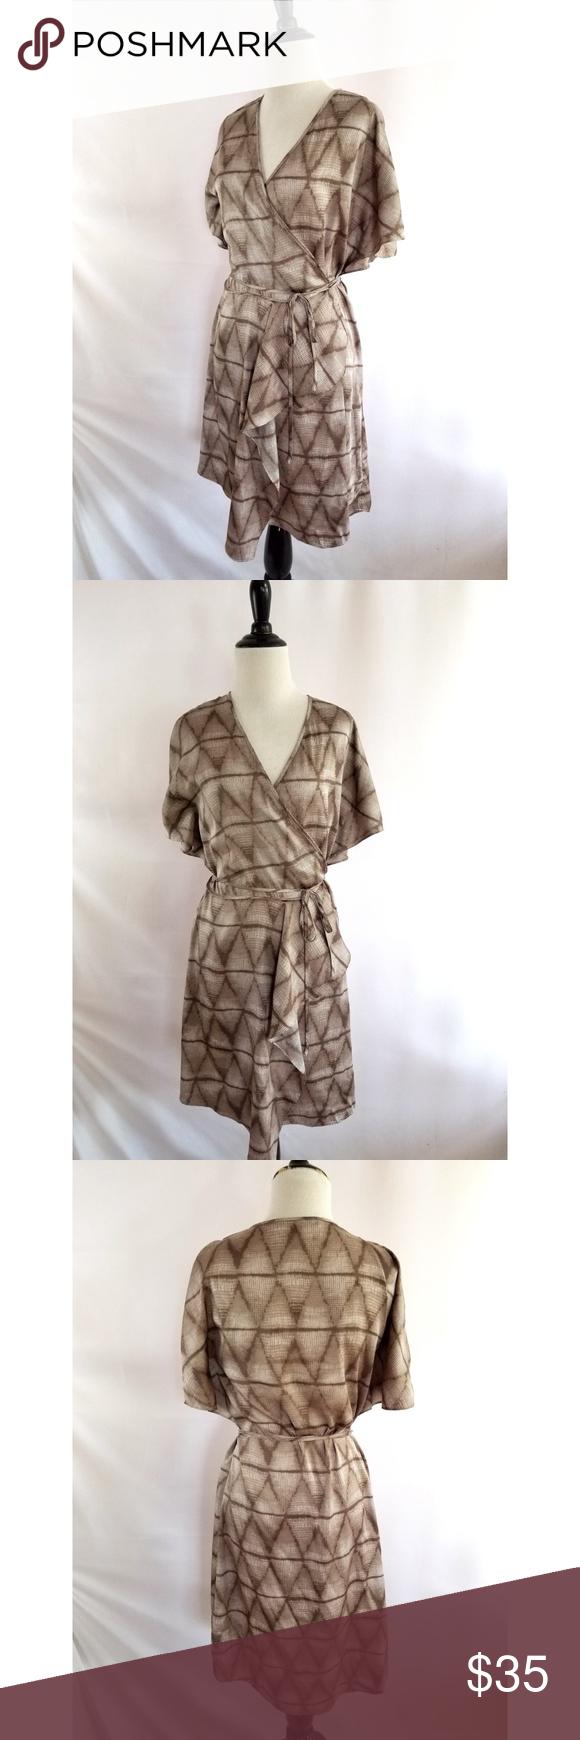 6f54a9fe30f BCBGMAXAZRIA Size XS Wrap Dress Taupe Gray Item specifics  BCBG Max Azria  Size XS 100